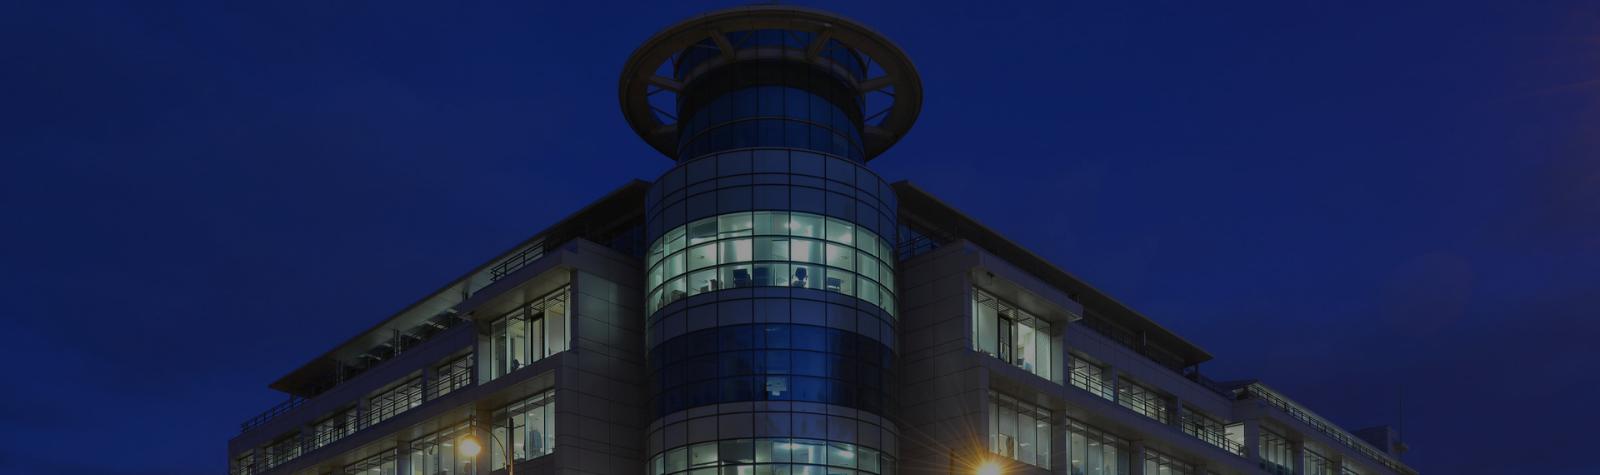 Union Investment acquiert l'immeuble de la Banque d'Écosse à Édimbourg